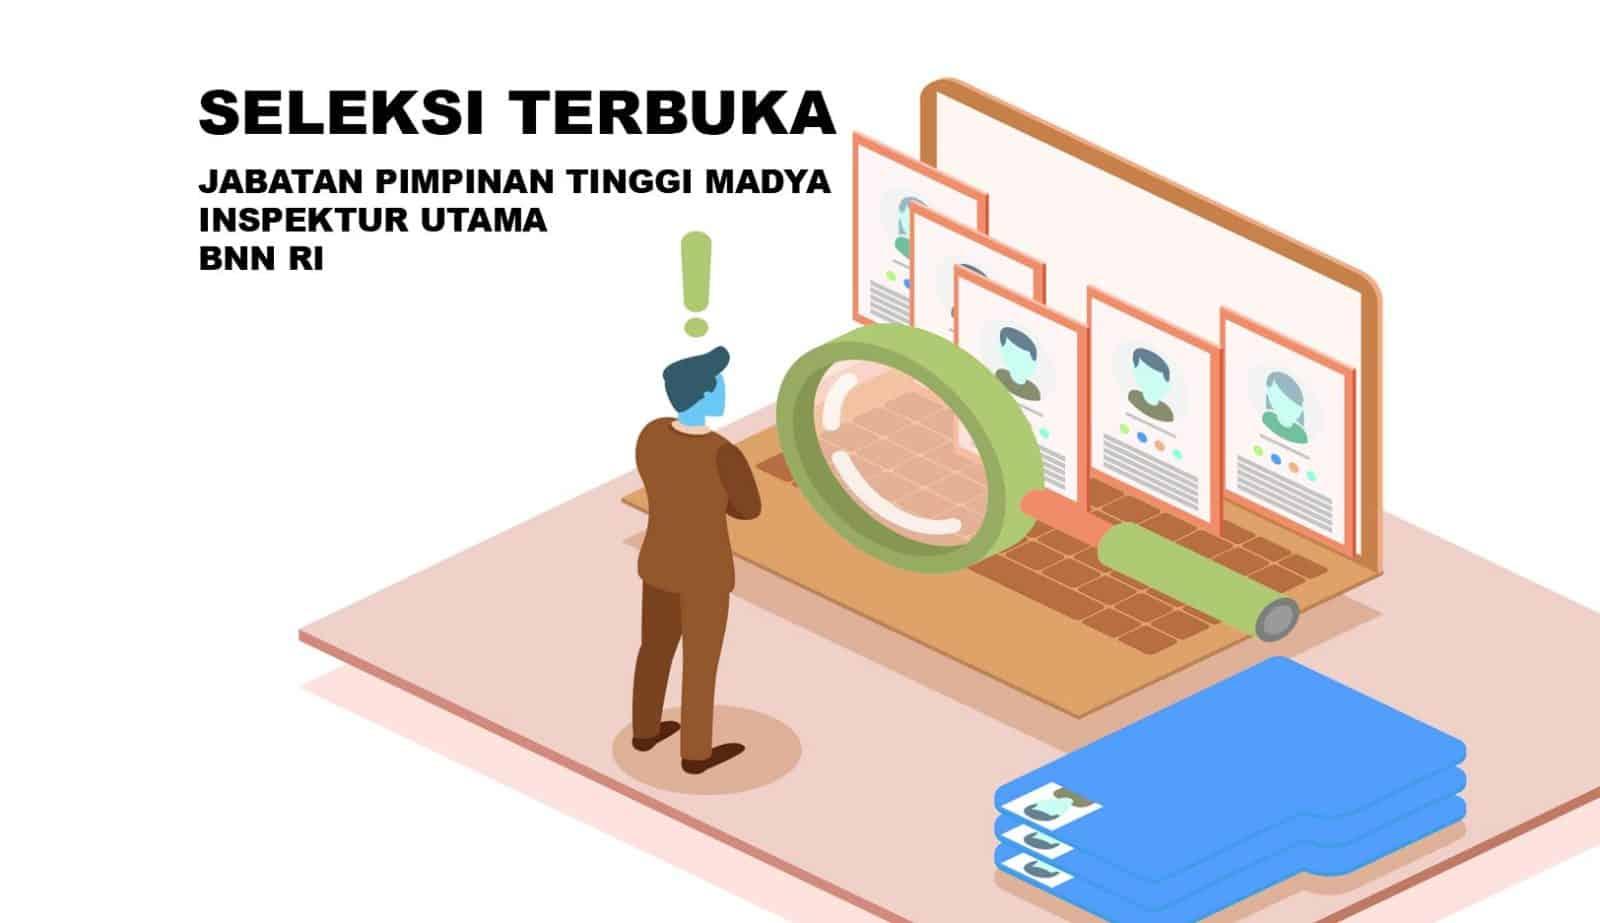 SELEKSI TERBUKA JABATAN PIMPINAN TINGGI MADYA INSPEKTUR UTAMA BNN T.A. 2019